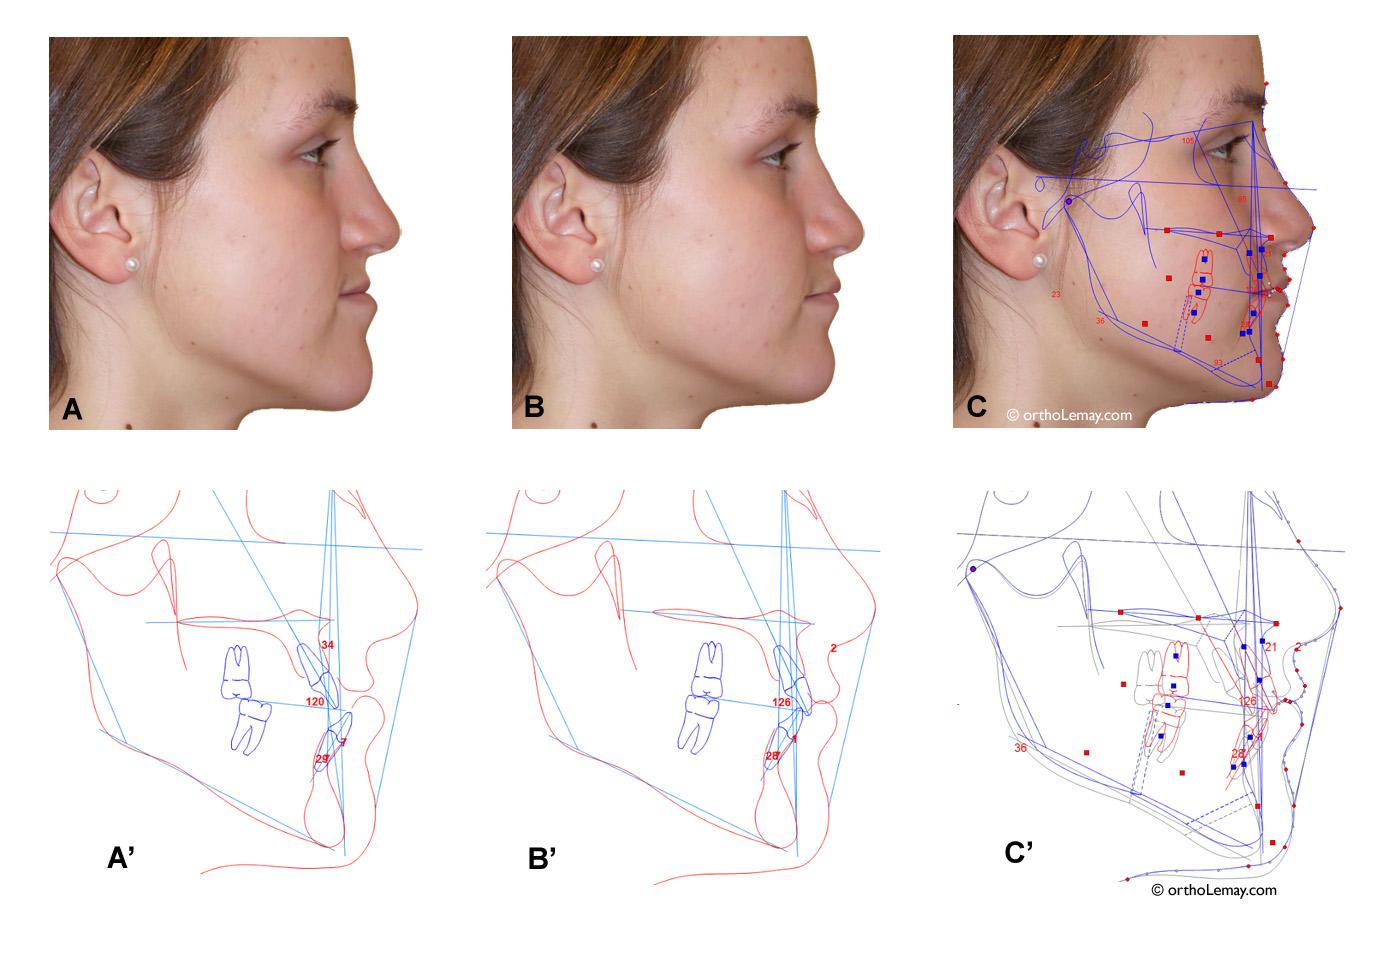 Simulation VTO (visual treatment objectives) en deux dimensions pour planifier une chirurgie orthognathique pour une malocclusion classe 3. Radiographies et photos modifiées par ordinateur